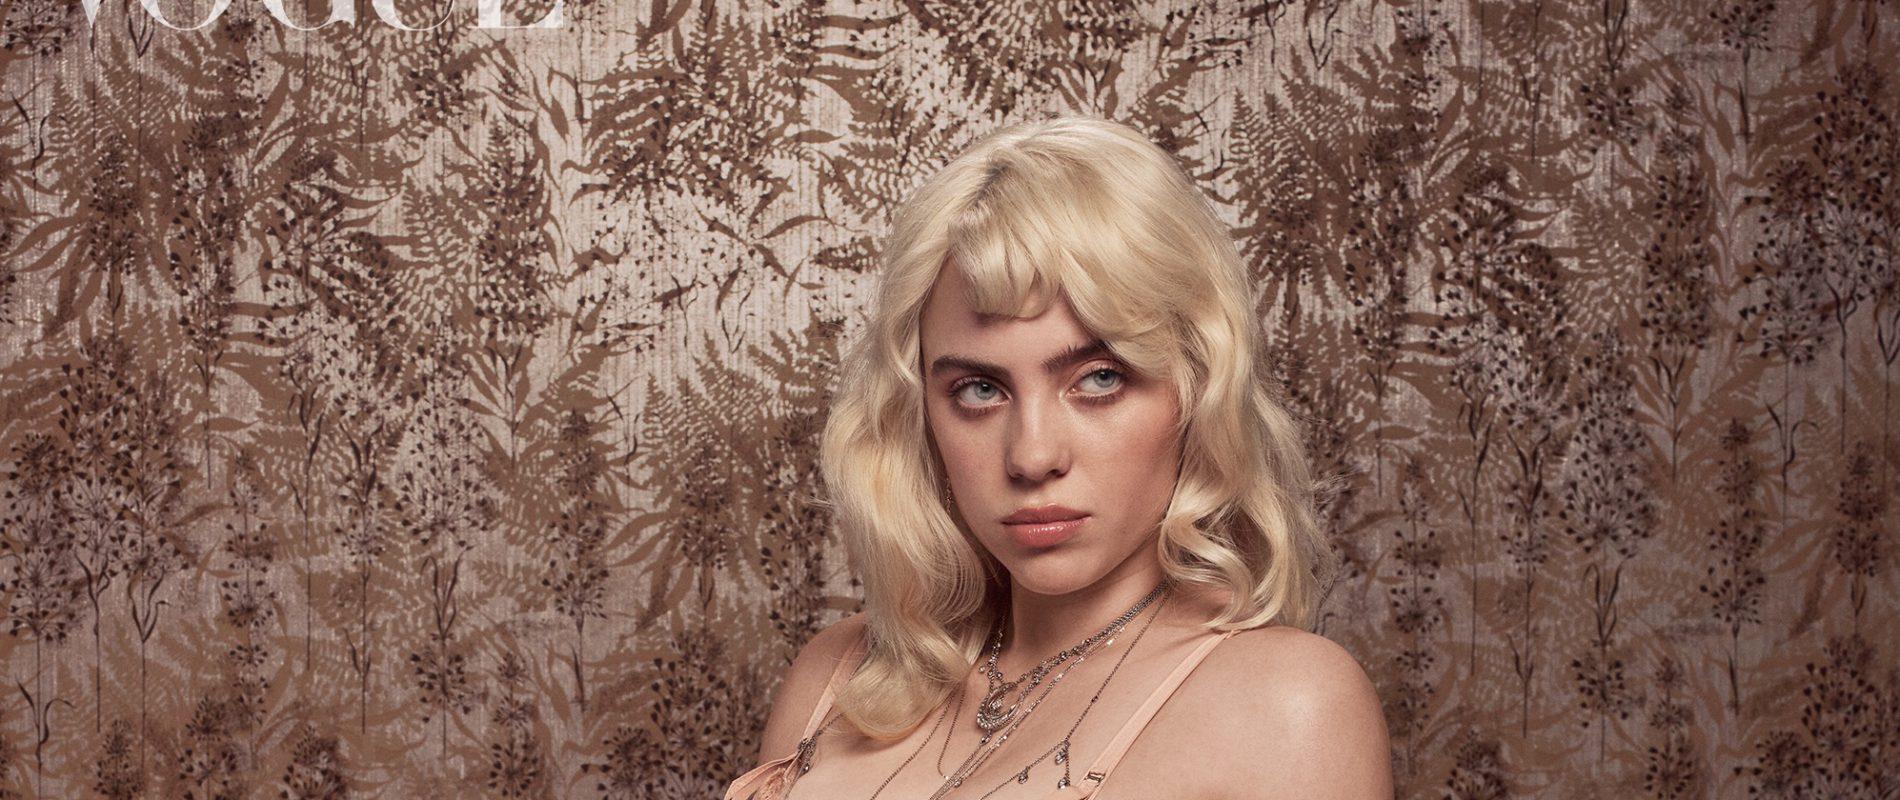 Adiós ropa holgada; Billie Eilish protagoniza portada de Vogue con un radical cambio de imagen